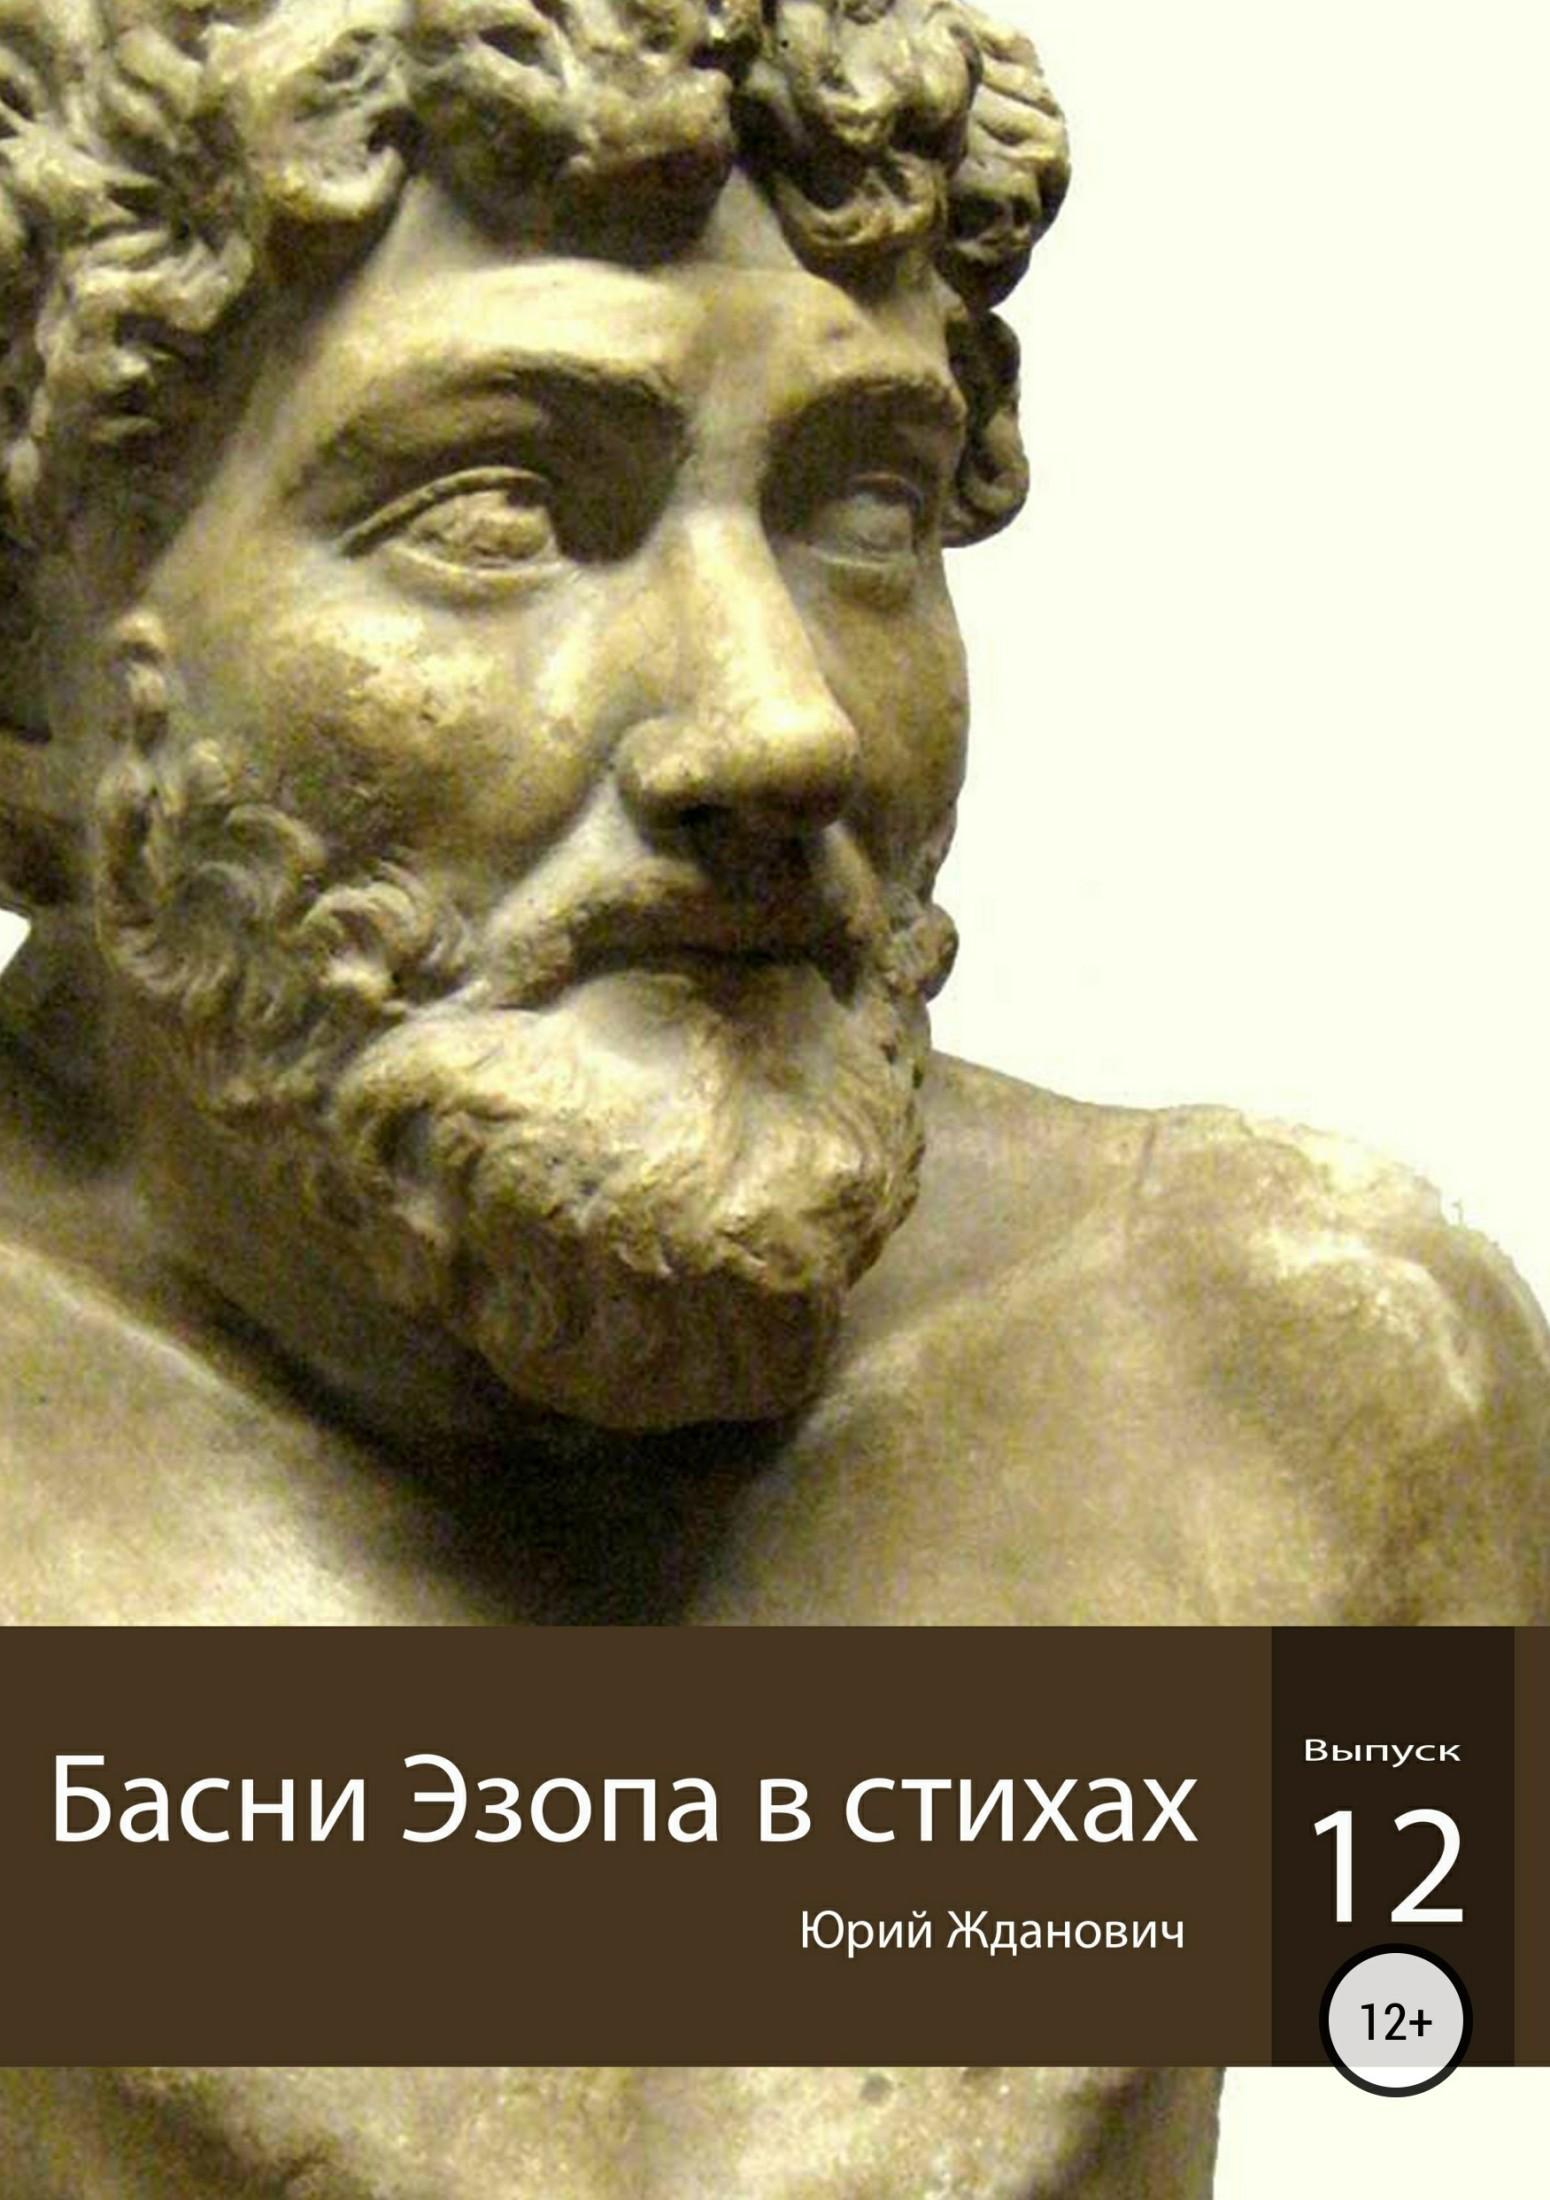 Юрий Михайлович Жданович Басни Эзопа в стихах. Выпуск 12